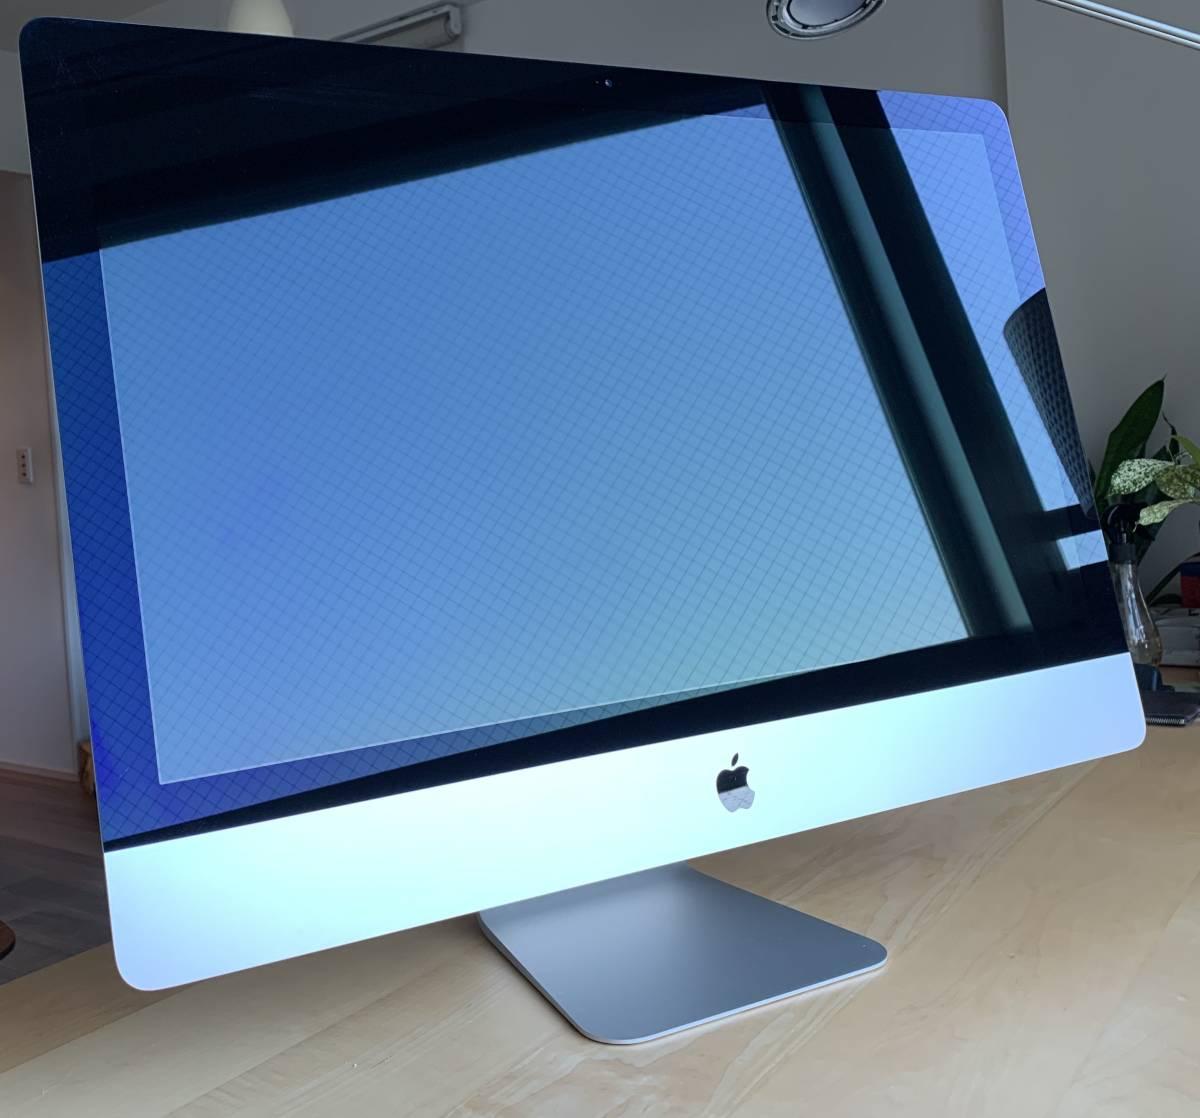 【美品】【送料無料】 iMac Retina 5K 27インチ/i5 3.2GHz/メモリ 16GB/SSD 256GB/Magic Trackpad 2/Magic Keyboard